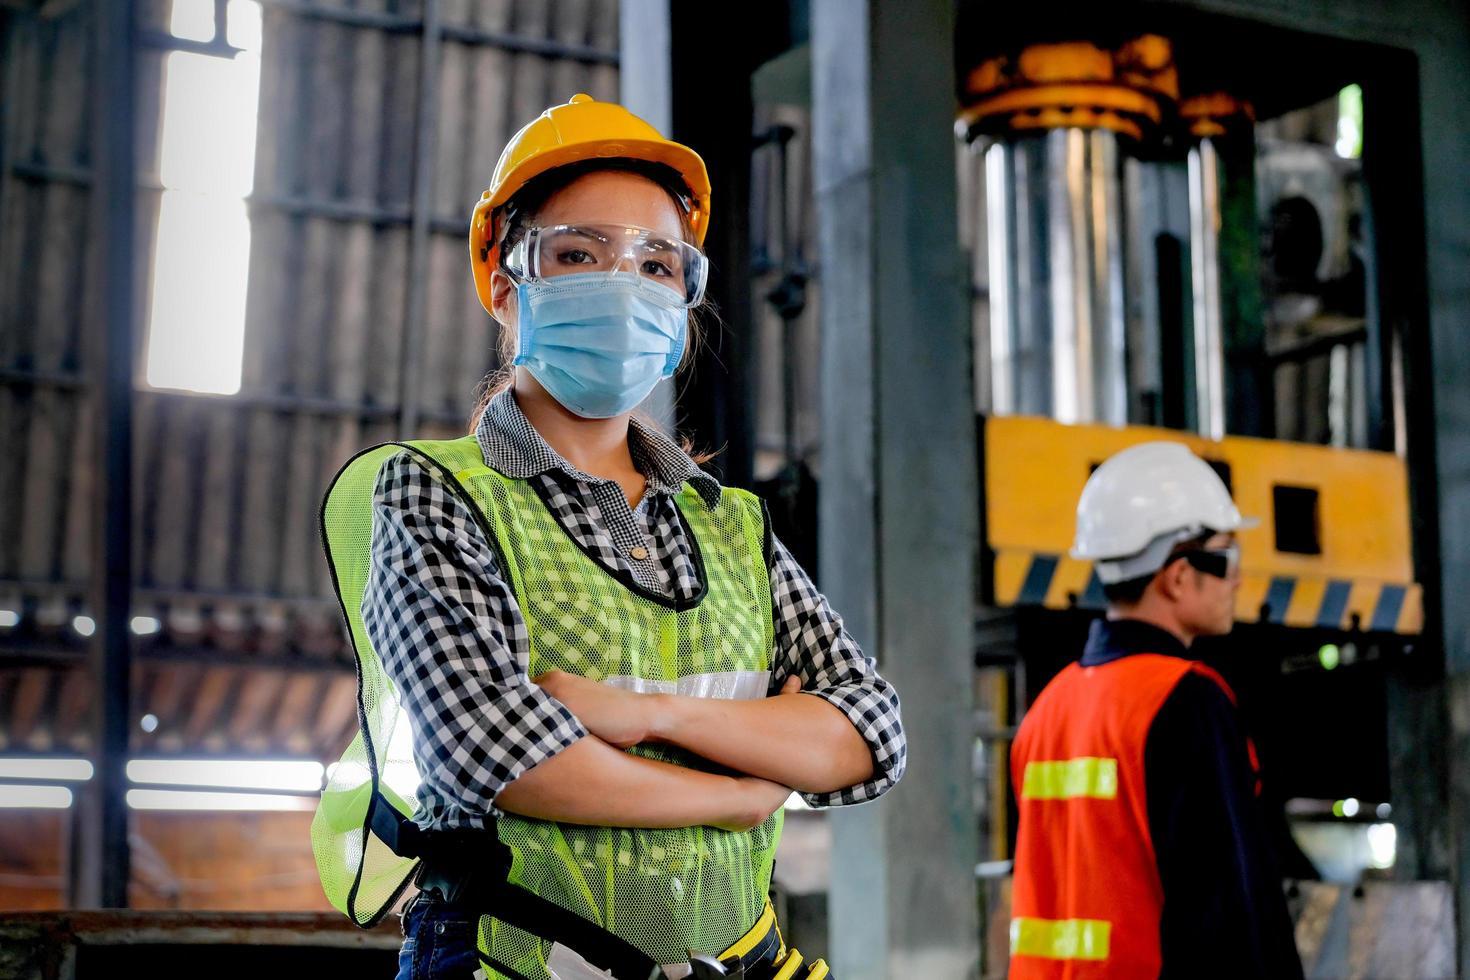 vrouwelijke fabriekstechnicus poseren op het werk foto